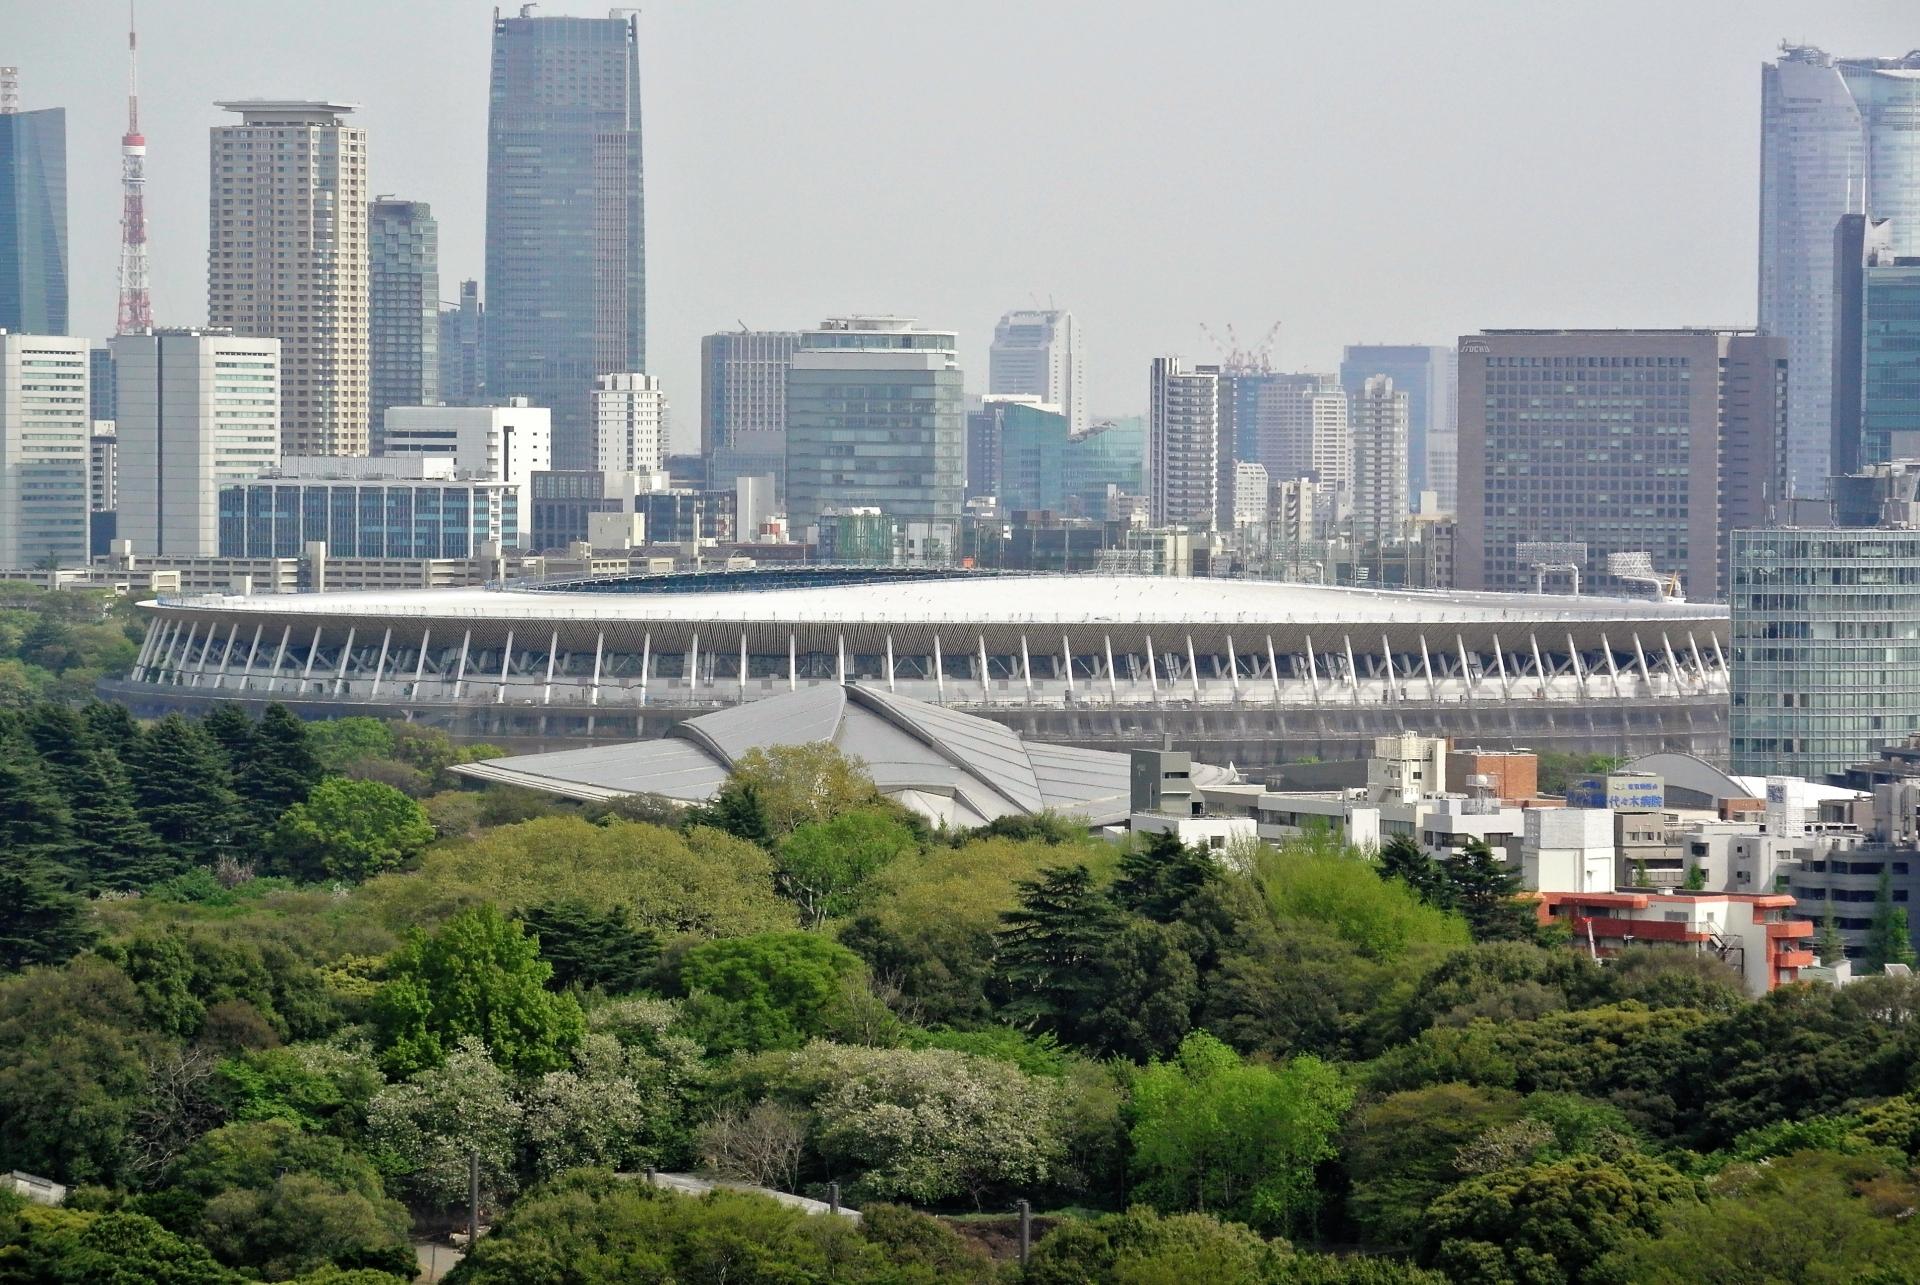 新国立競技場オープニングイベント(ヒロサワ)